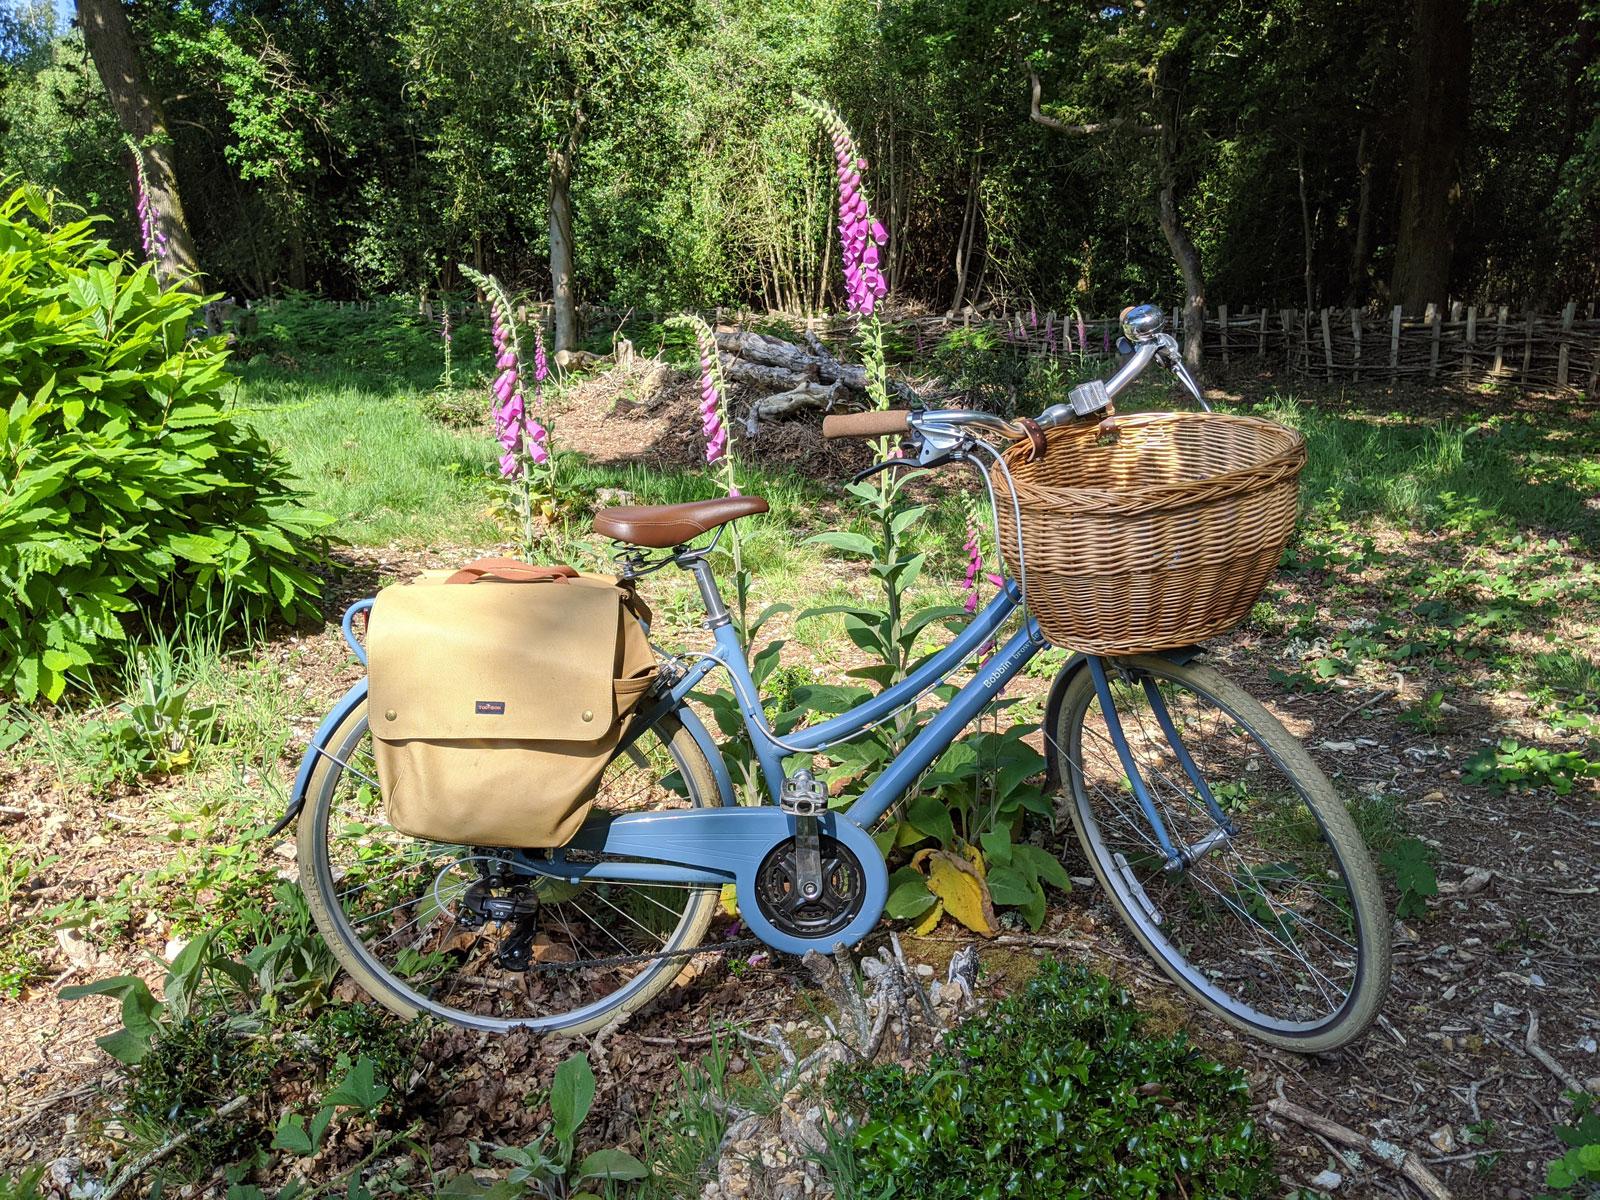 Les aventures de ma bicyclette bleue